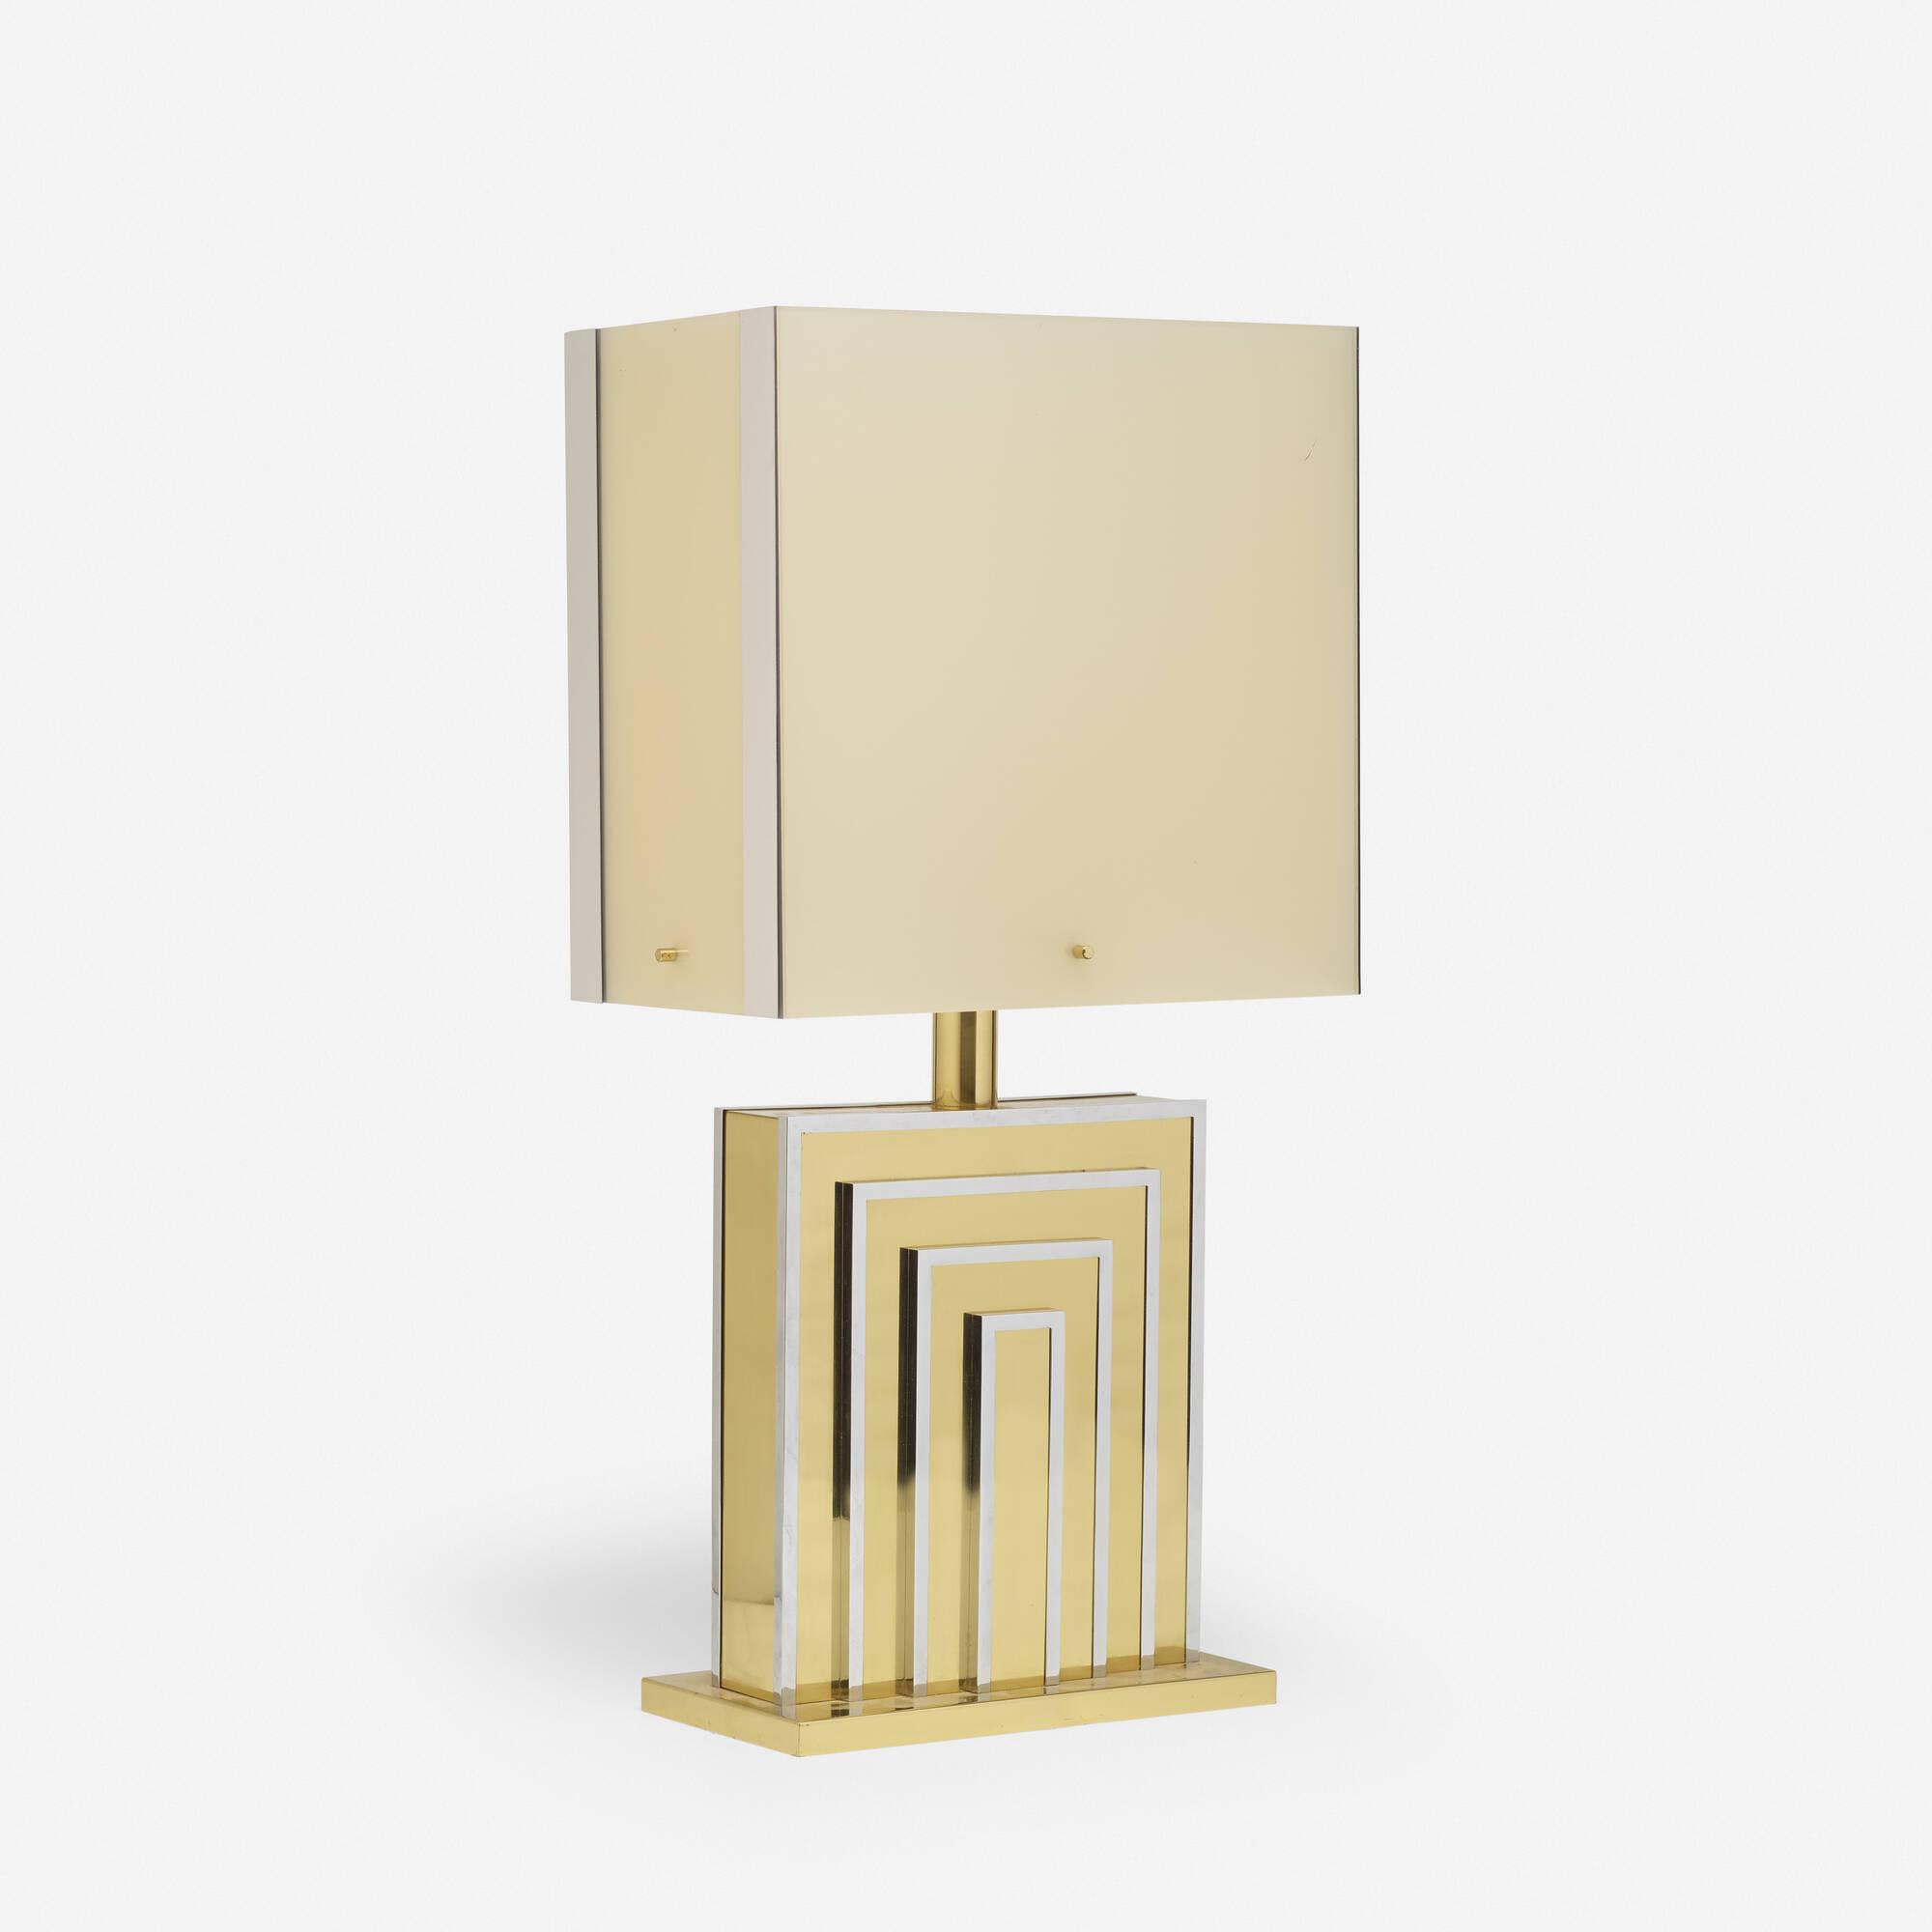 240: Italian / table lamp (1 of 2)